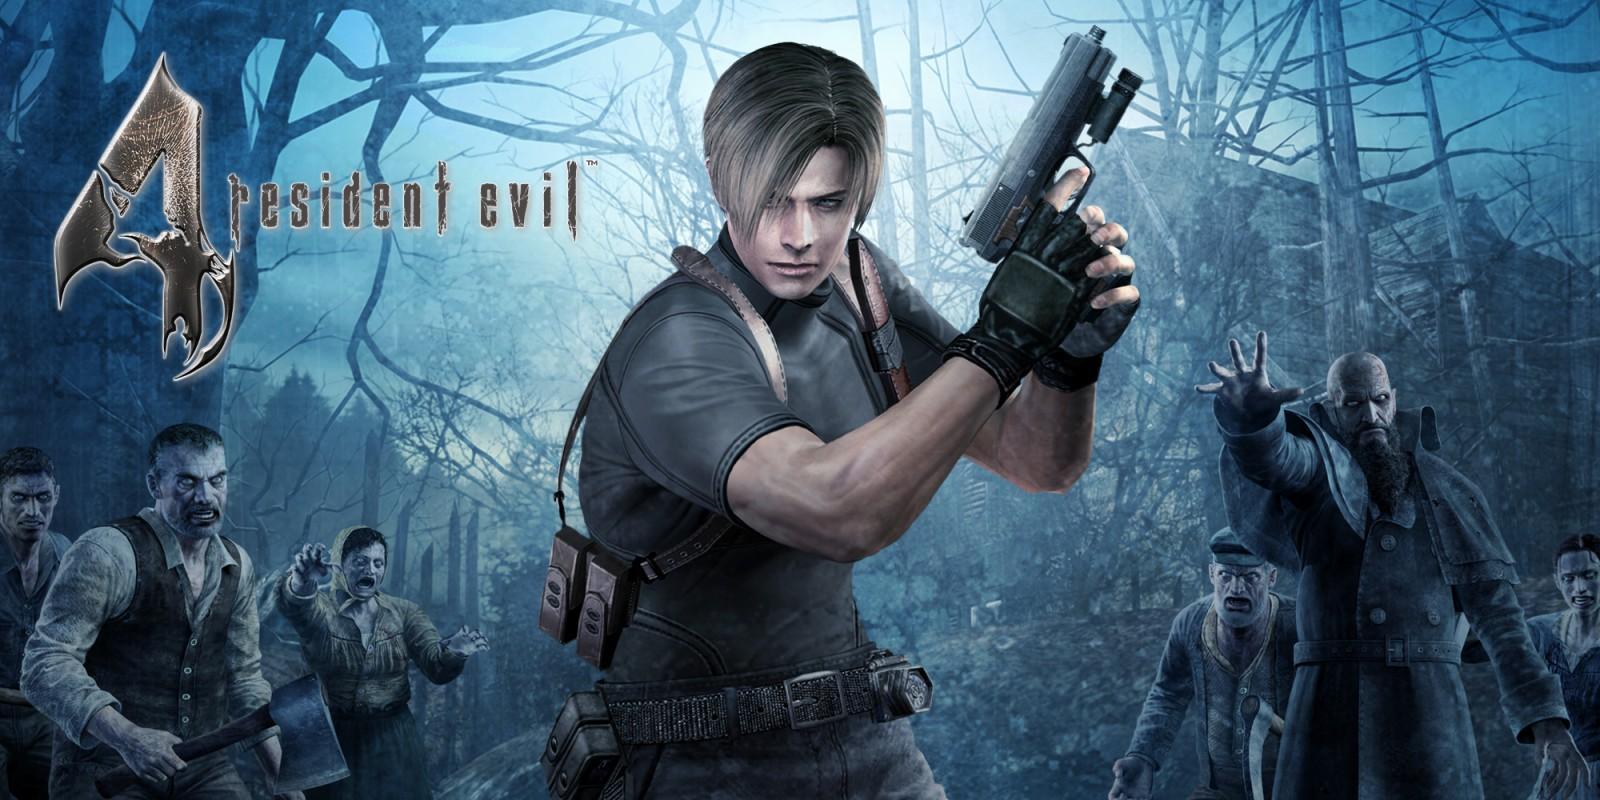 La jaquette de Resident Evil 4 sur Switch